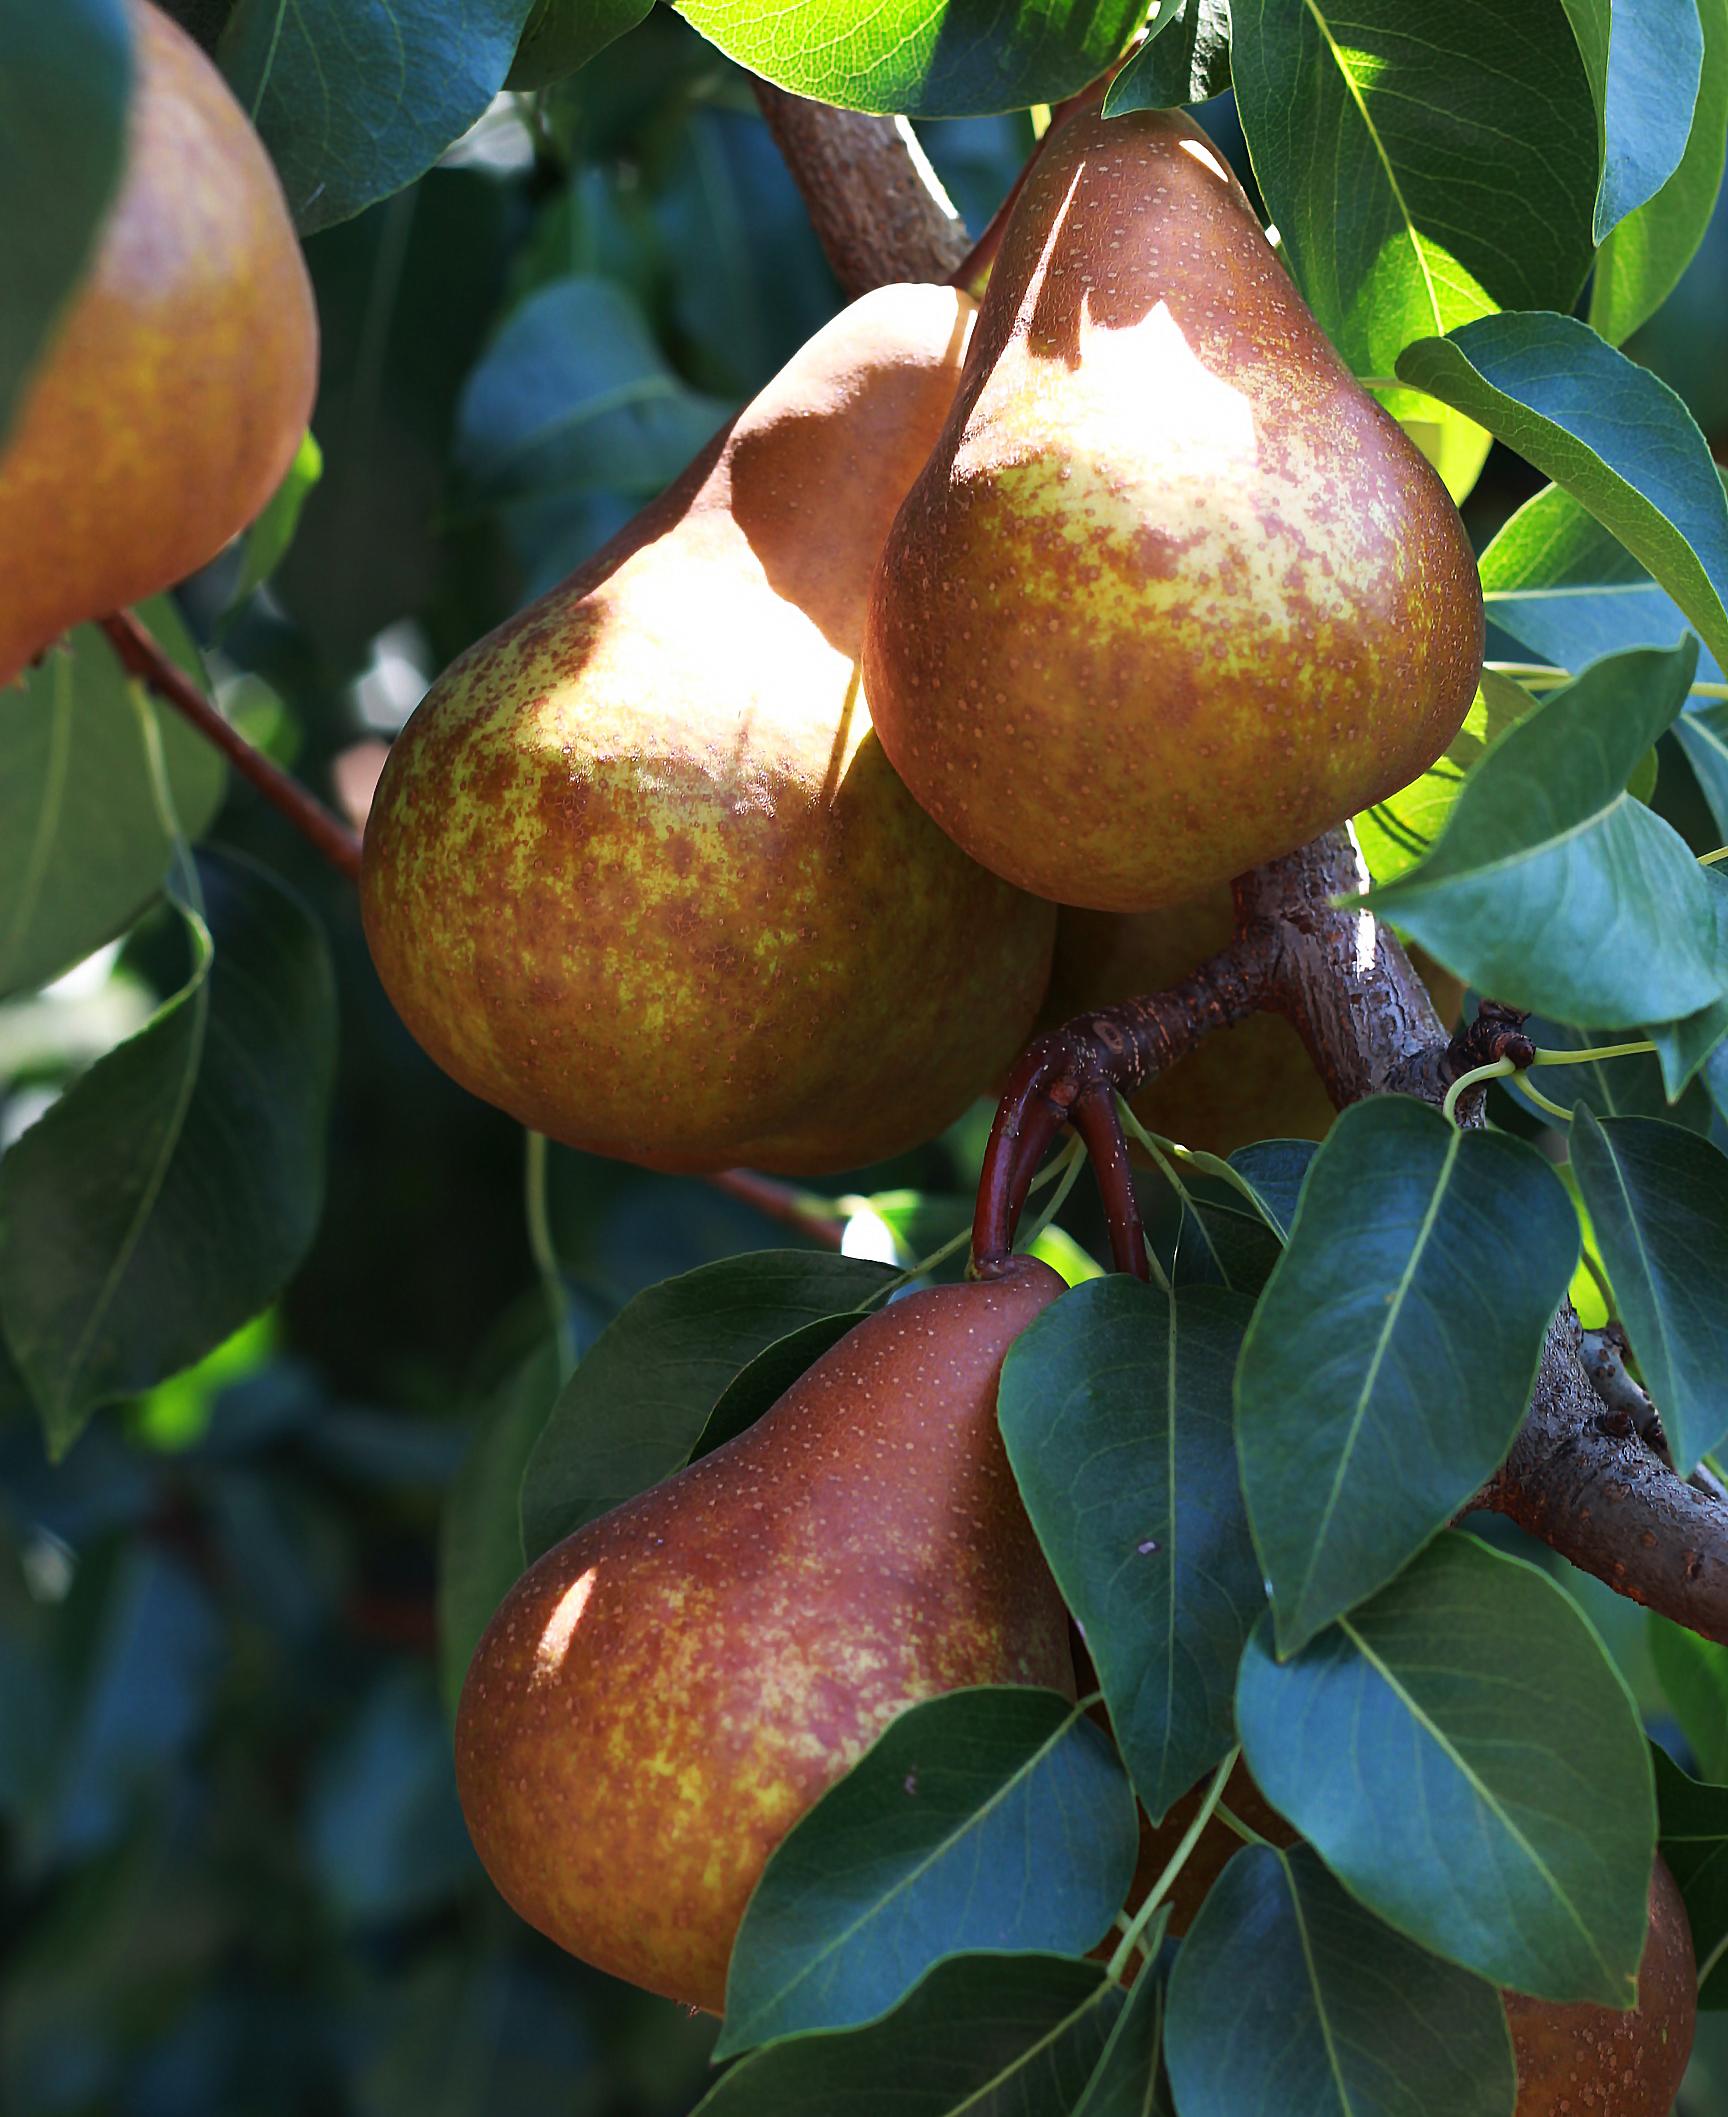 paleo-paparazzi-california-pear-farm